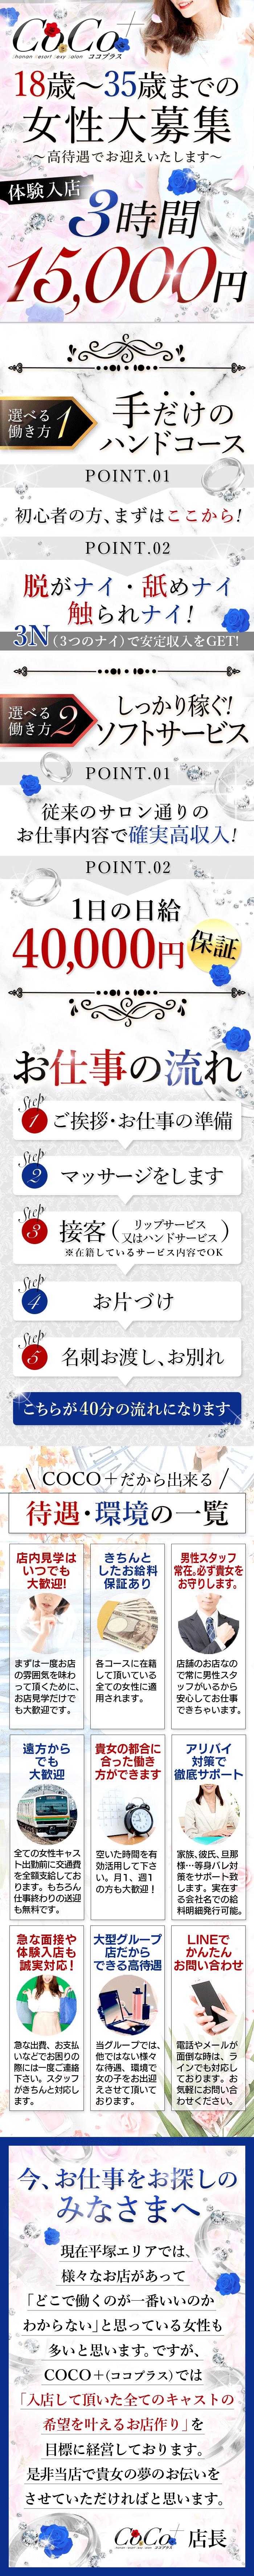 湘南 平塚 COCO+(ココプラス)18歳から35歳までの女性大募集 入店祝い金 1日体験入店保証